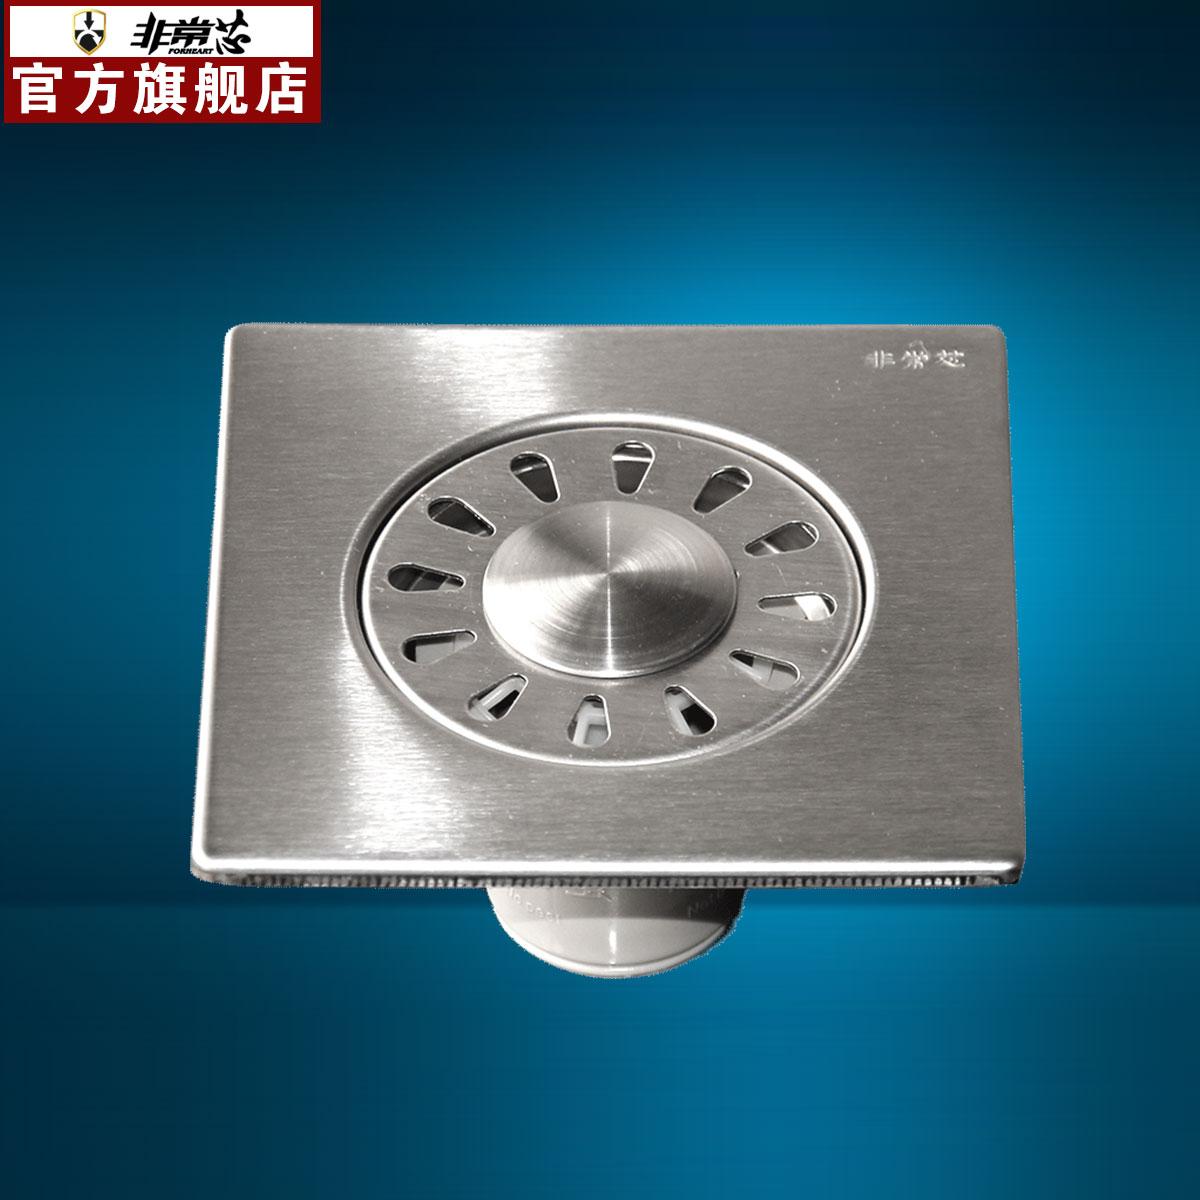 地漏方形12cm不锈钢防臭淋浴房卫生间洗衣机大排水12厘米方形